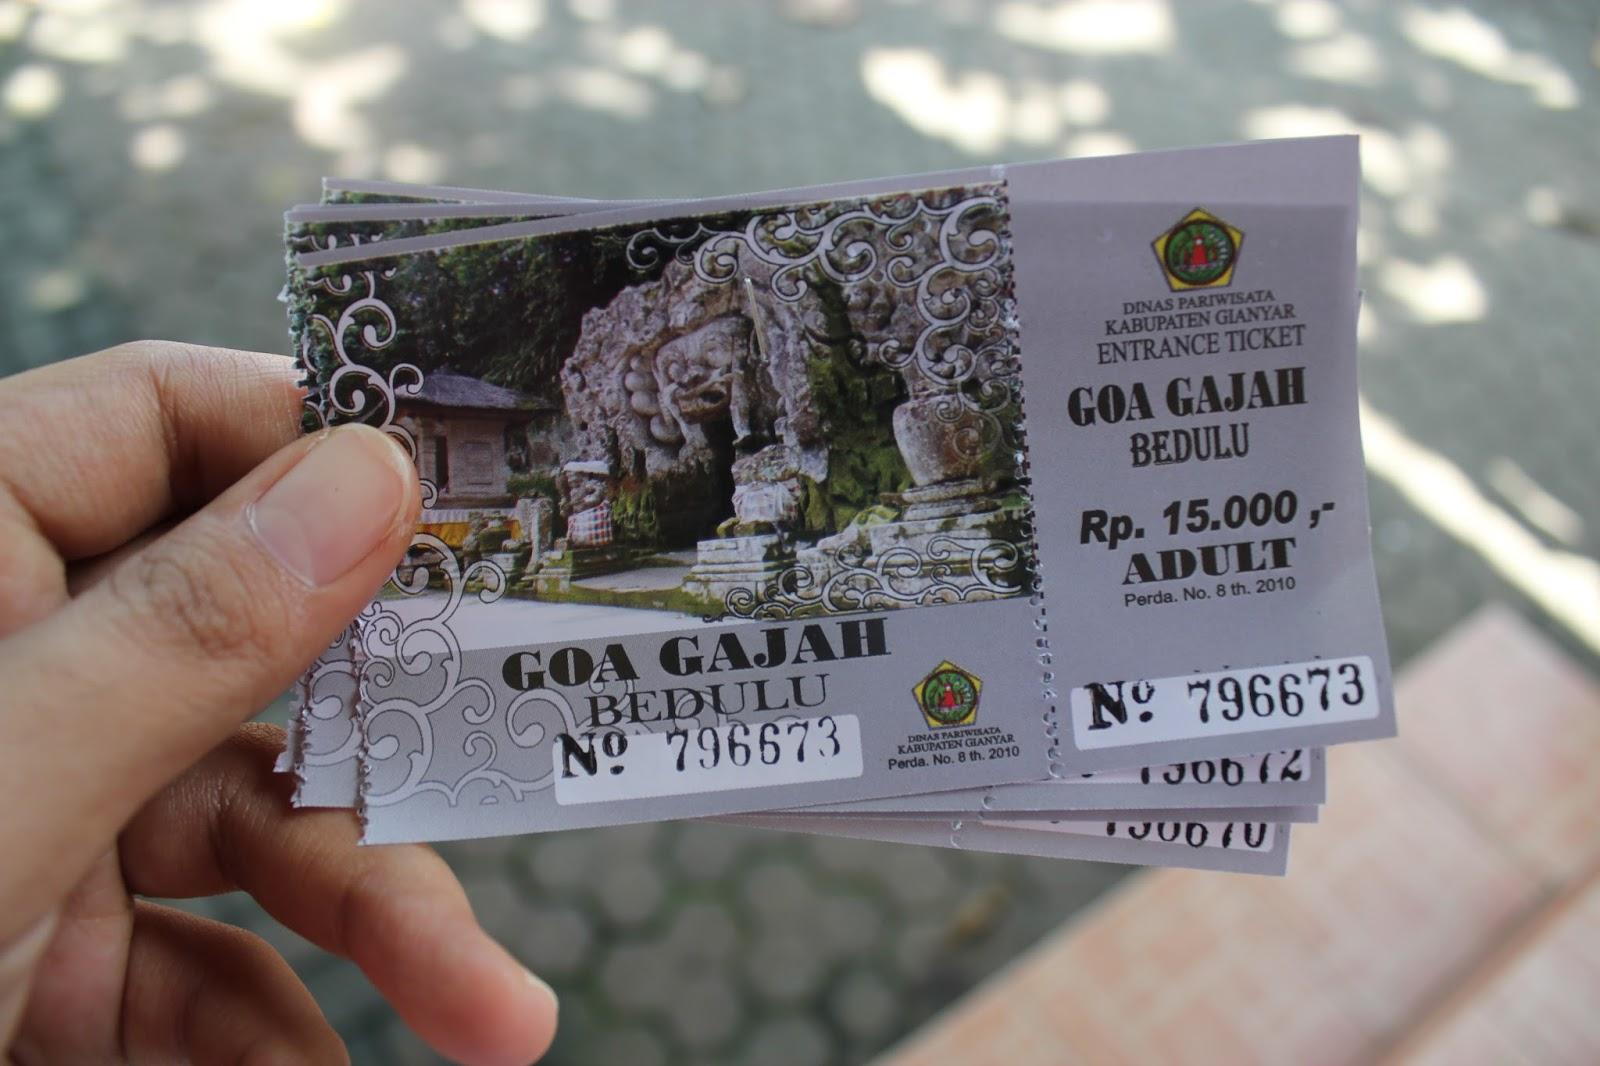 Life Goa Gajah Bali Dulu Pikir Tempat Wisata Gajahya Ternyata